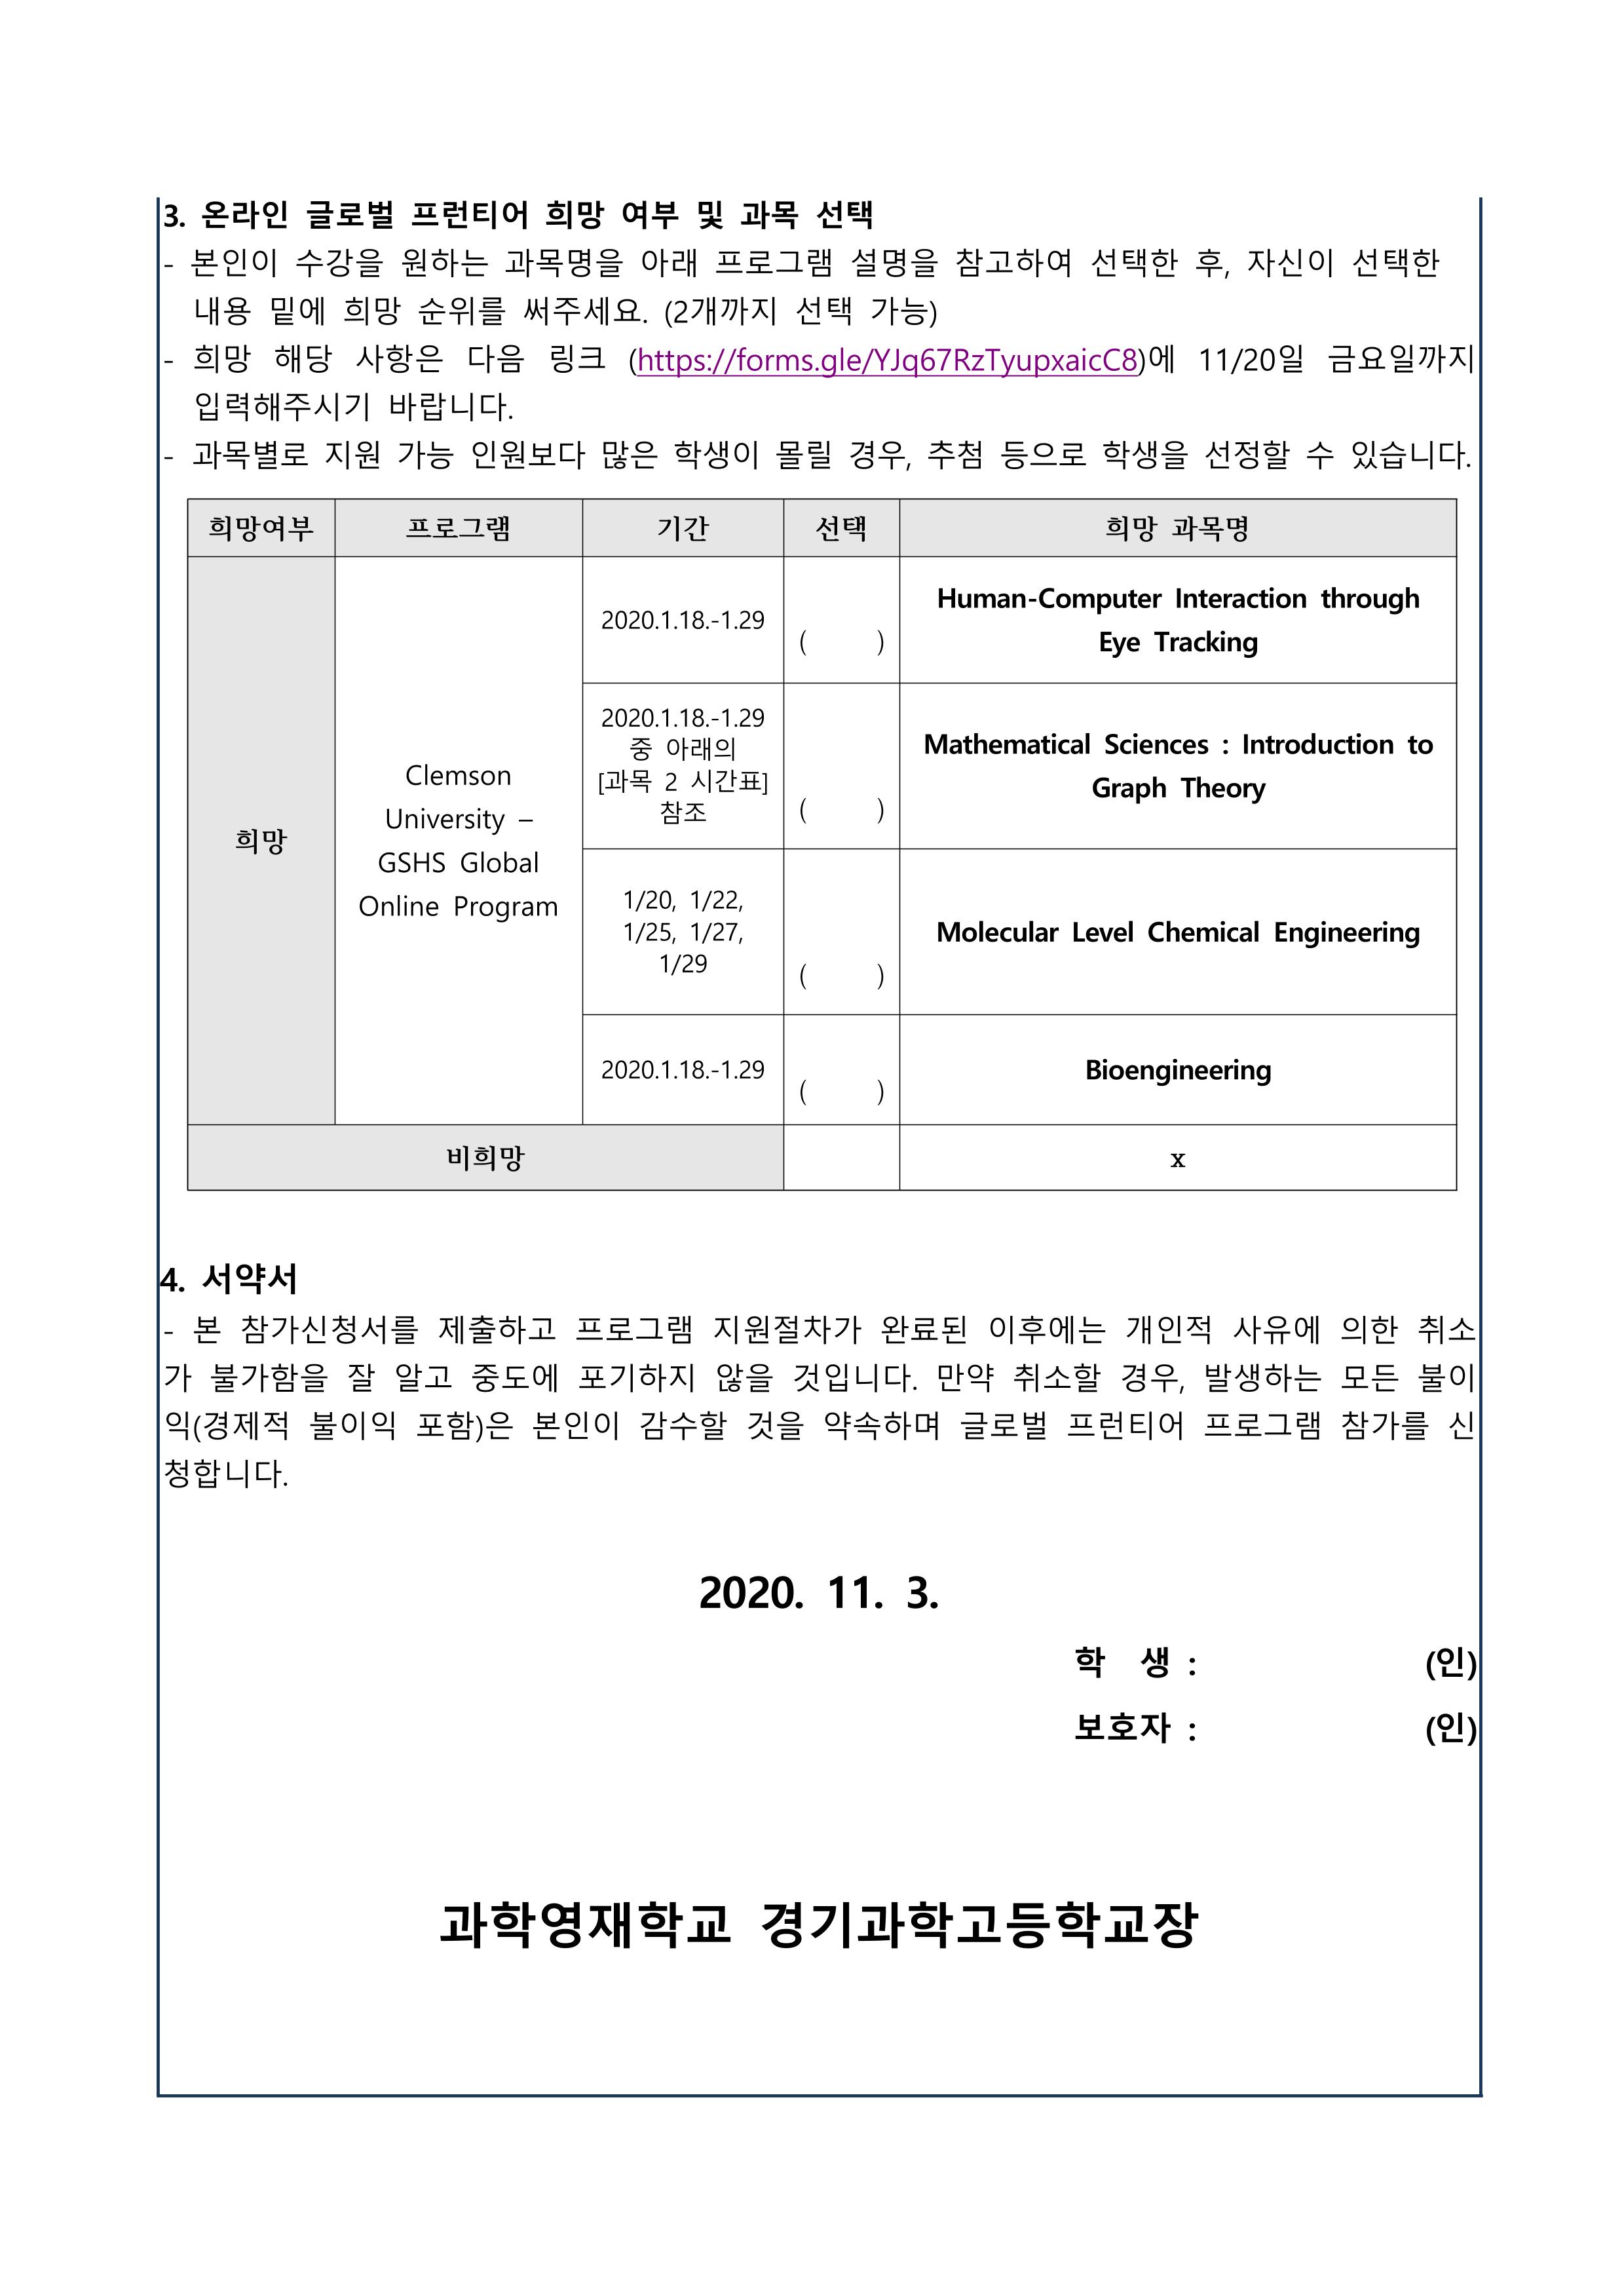 2020학년도 온라인 글로벌 프론티어 참가 희망 가정통신문 2Page.